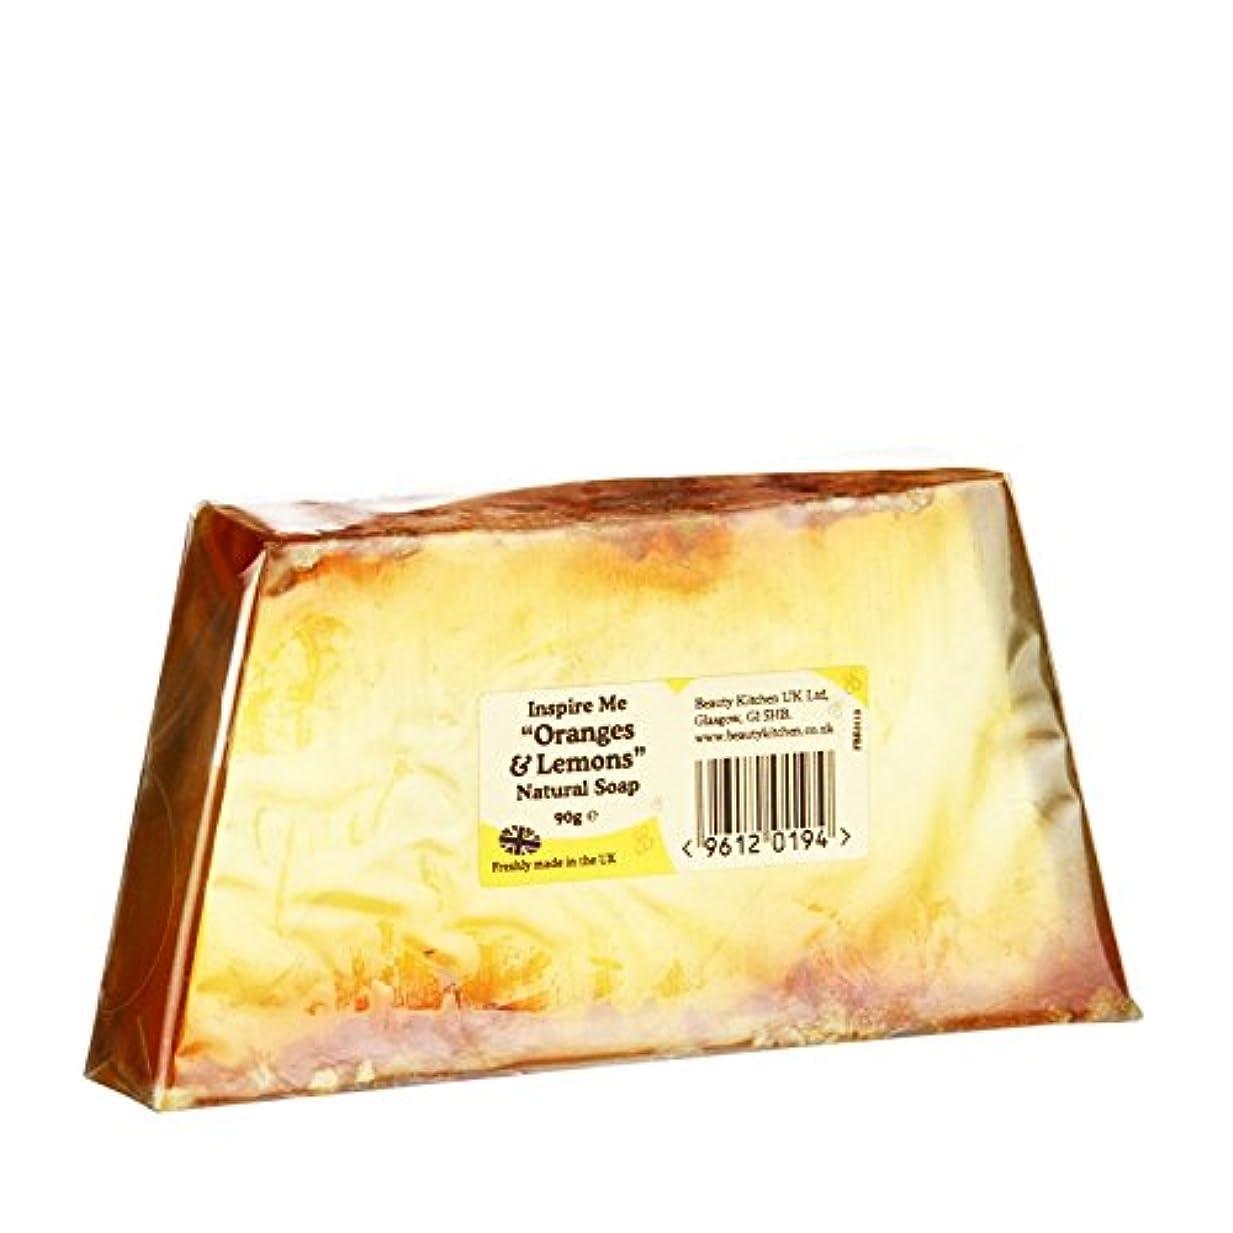 伝統避難する志すBeauty Kitchen Inspire Me Orange & Lemon Natural Soap 90g (Pack of 6) - 美しさのキッチンは私がオレンジ&レモンの天然石鹸90グラム鼓舞します (x6) [並行輸入品]